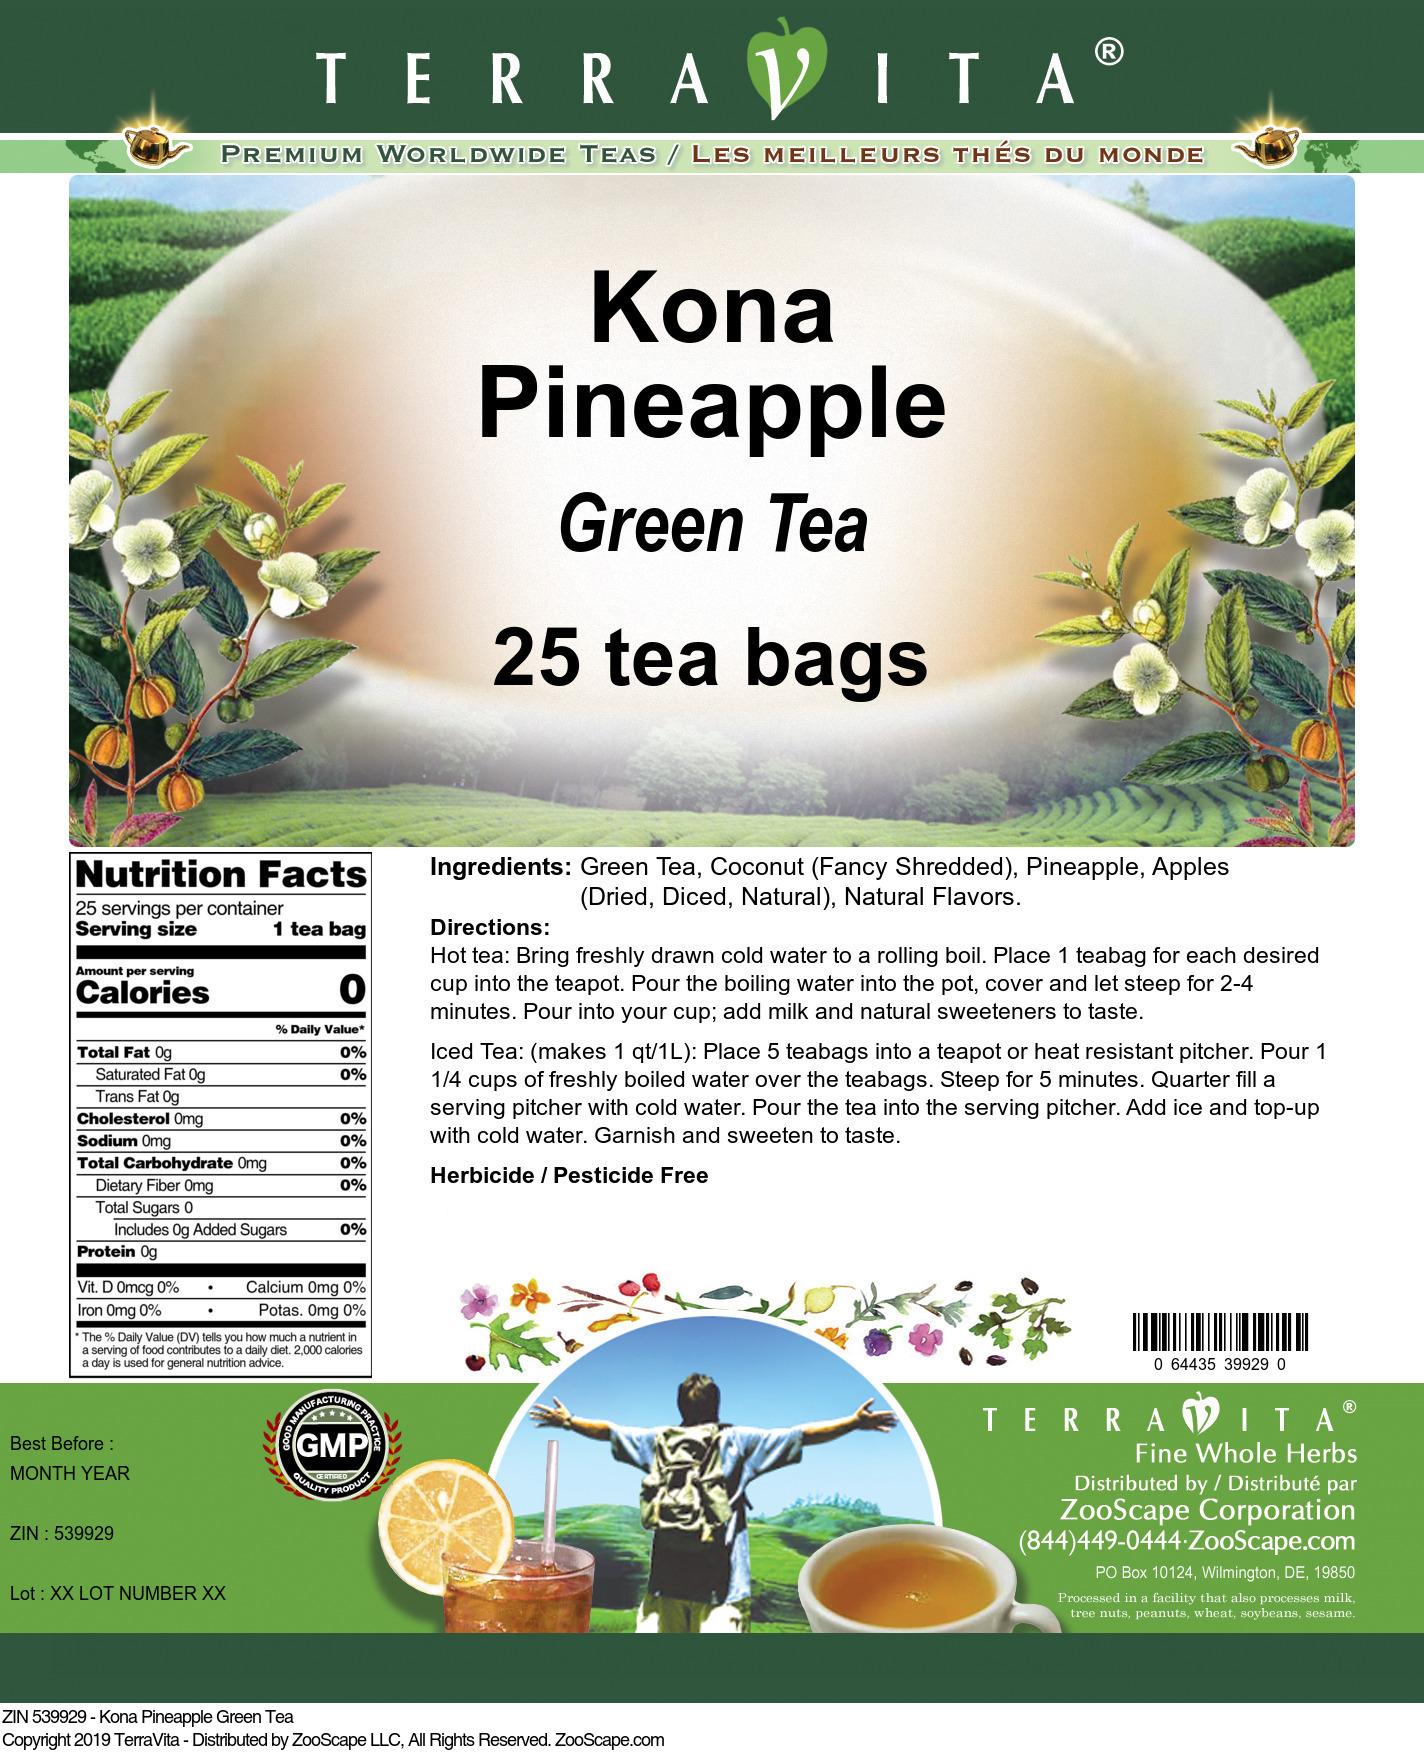 Kona Pineapple Green Tea